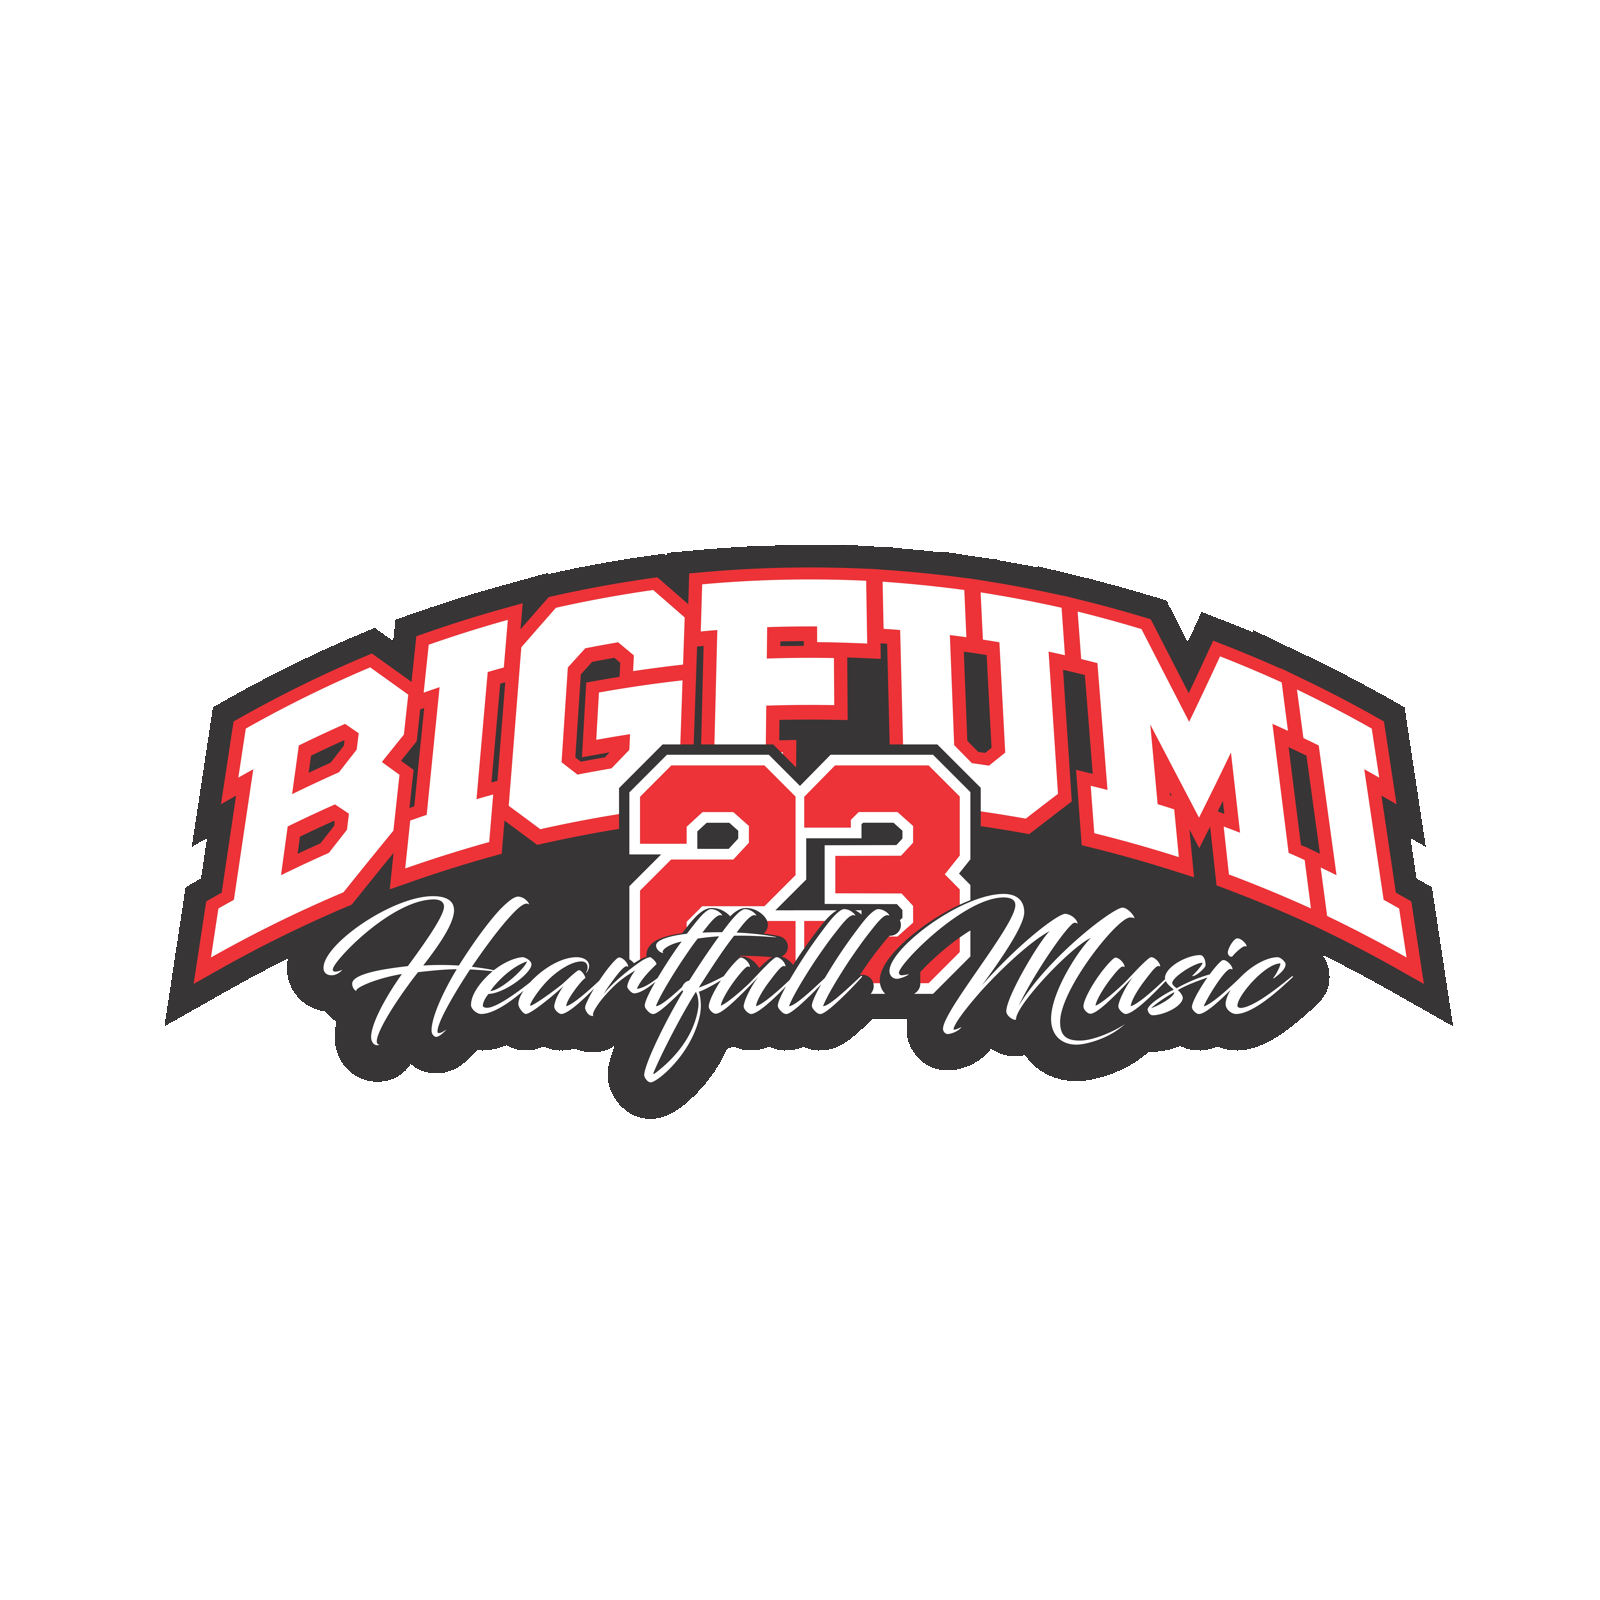 Bigfumi Online Shop